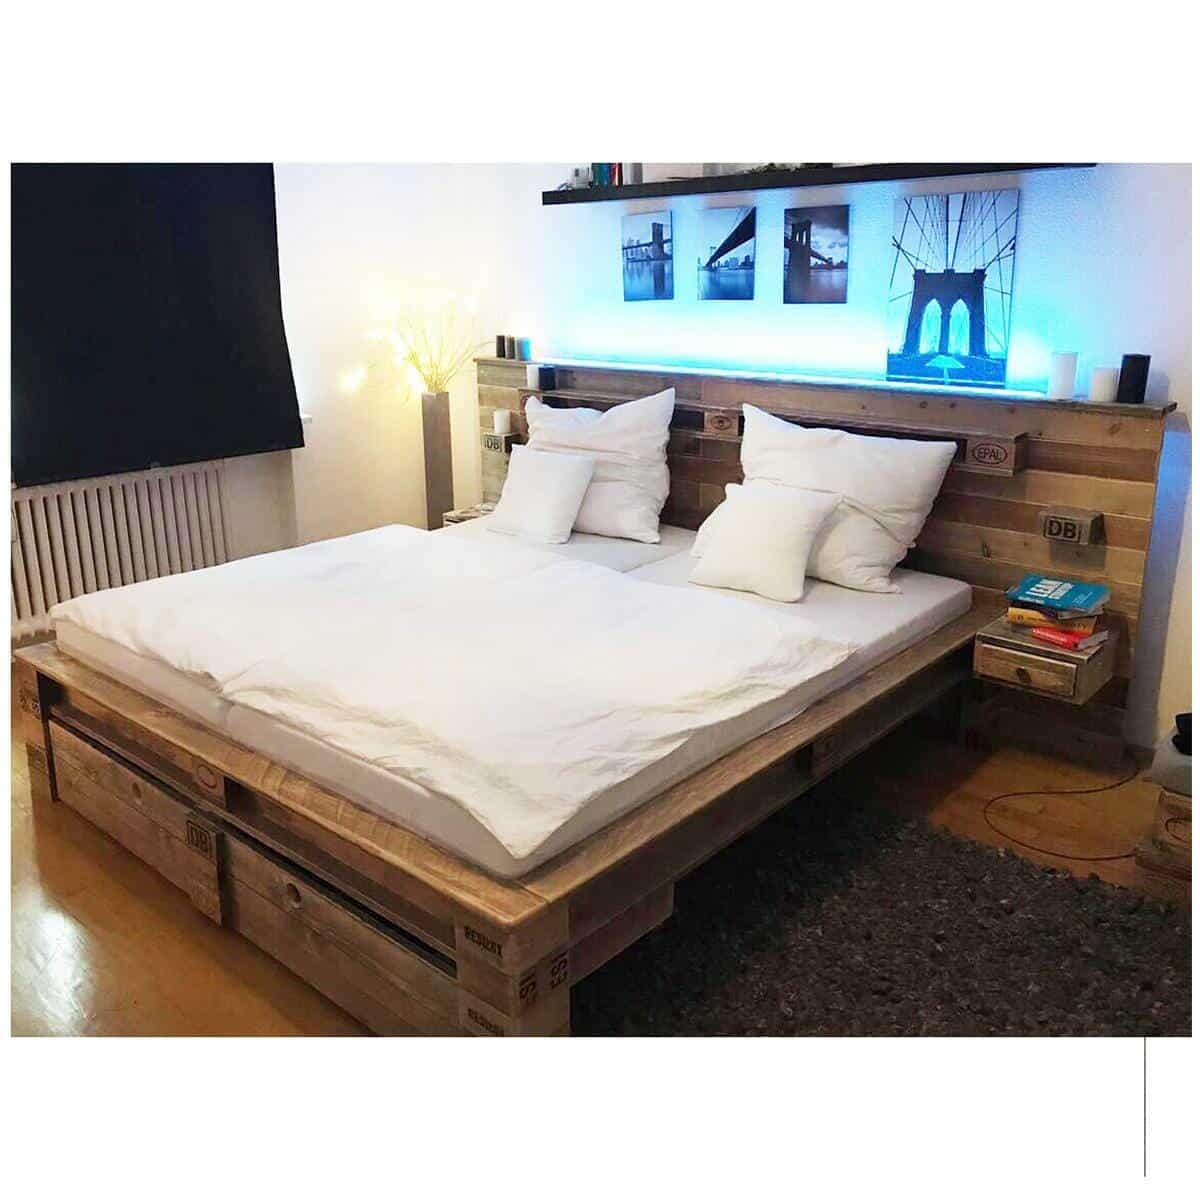 ᐅᐅ Palettenbett kaufen - Mit LED und vielen Extras | Bett aus Paletten